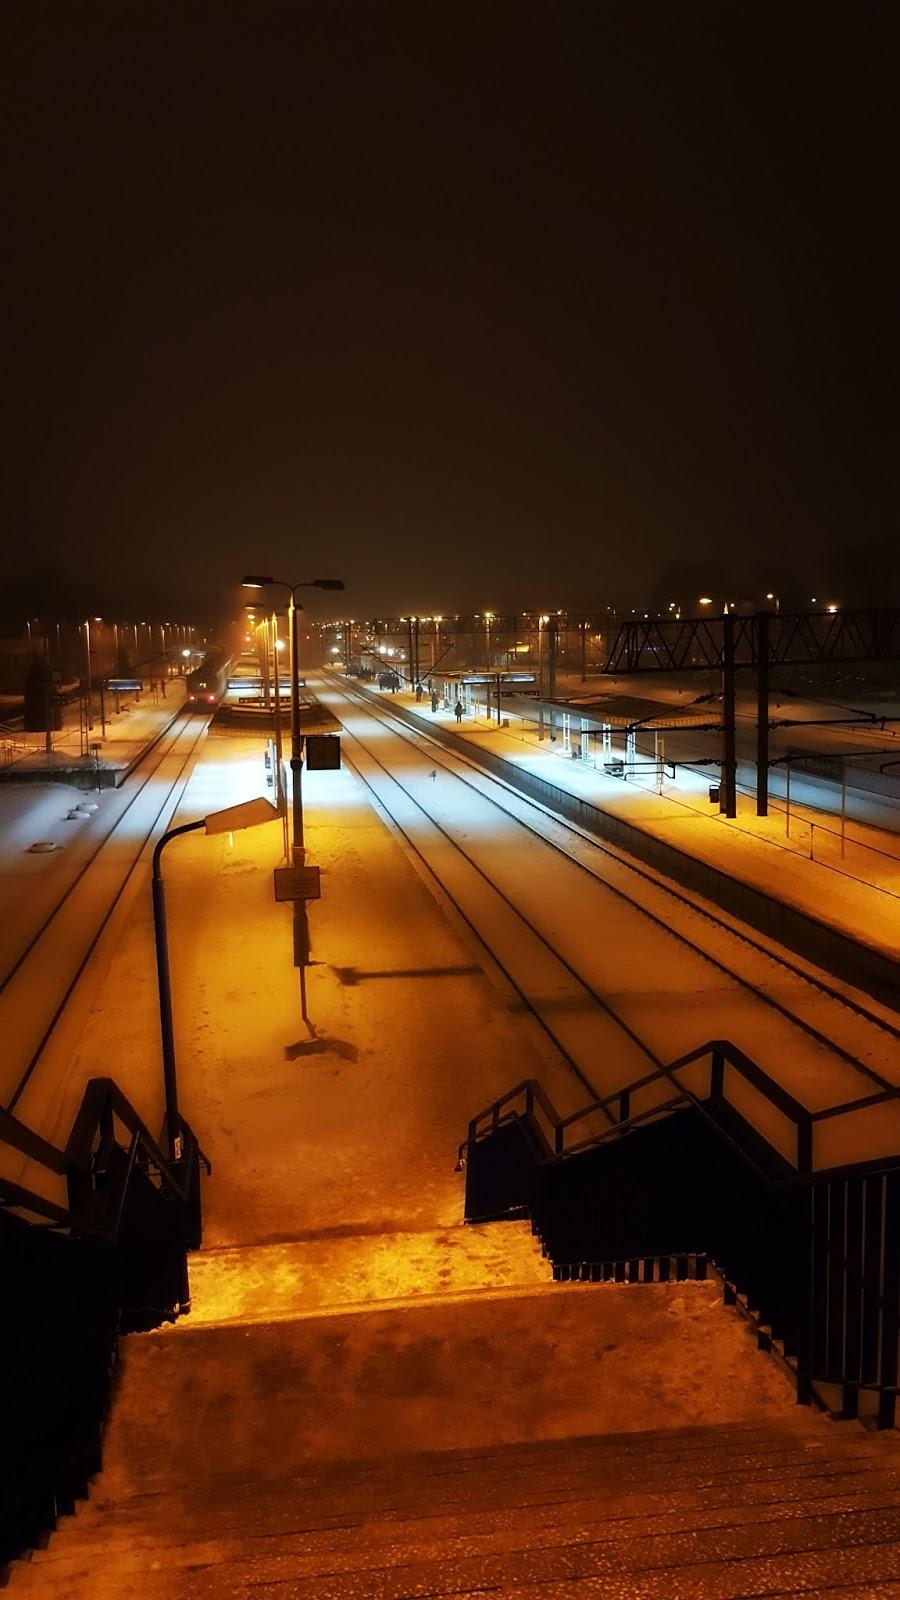 Wspomnienie zimowych dni